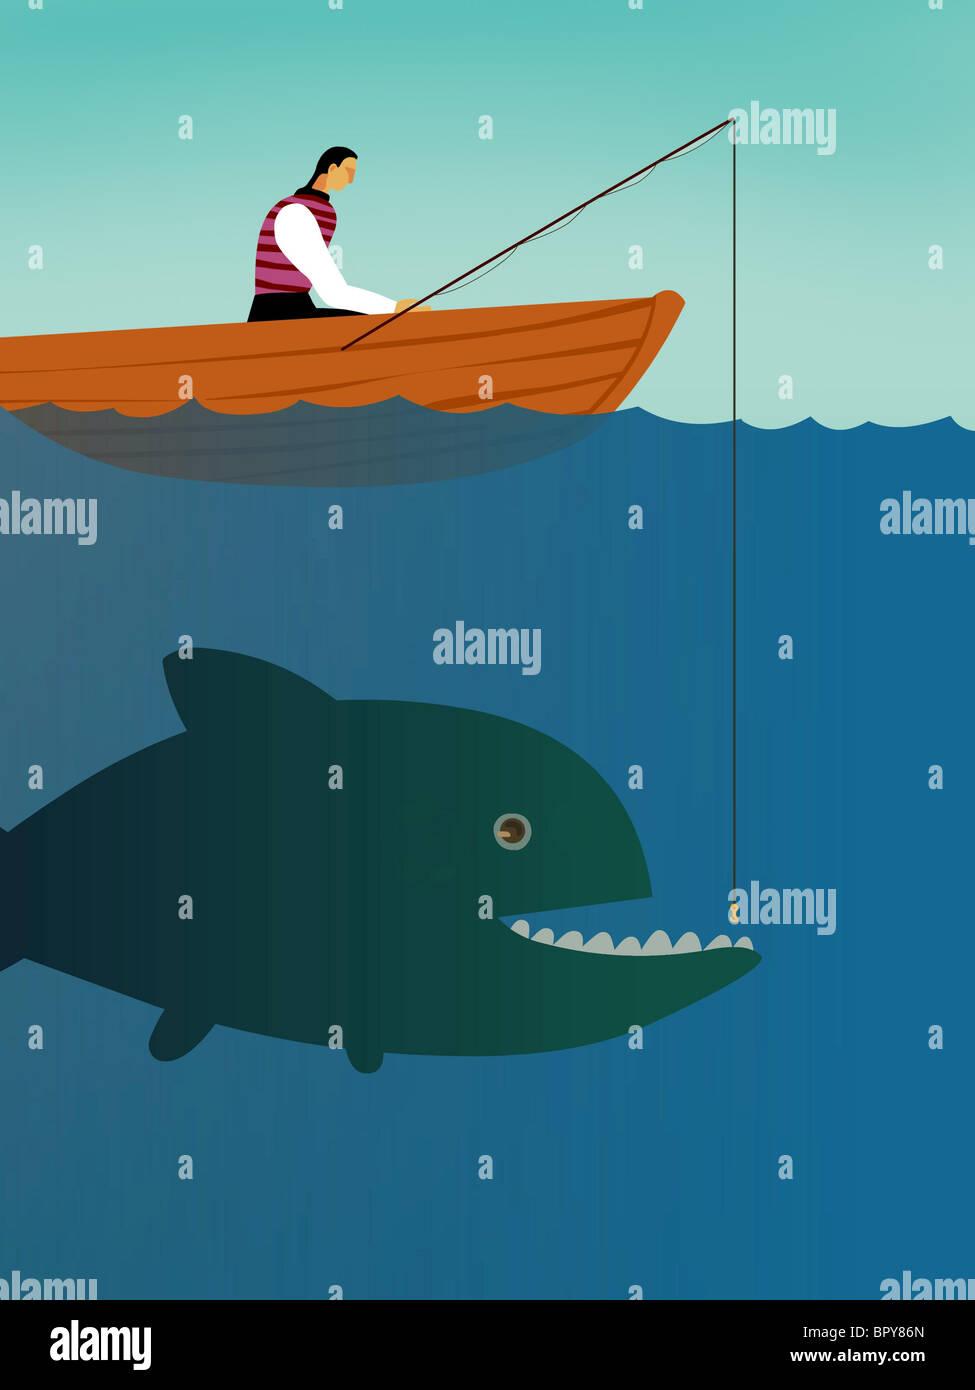 Un homme sur un bateau essayant d'attraper un gros poisson Photo Stock